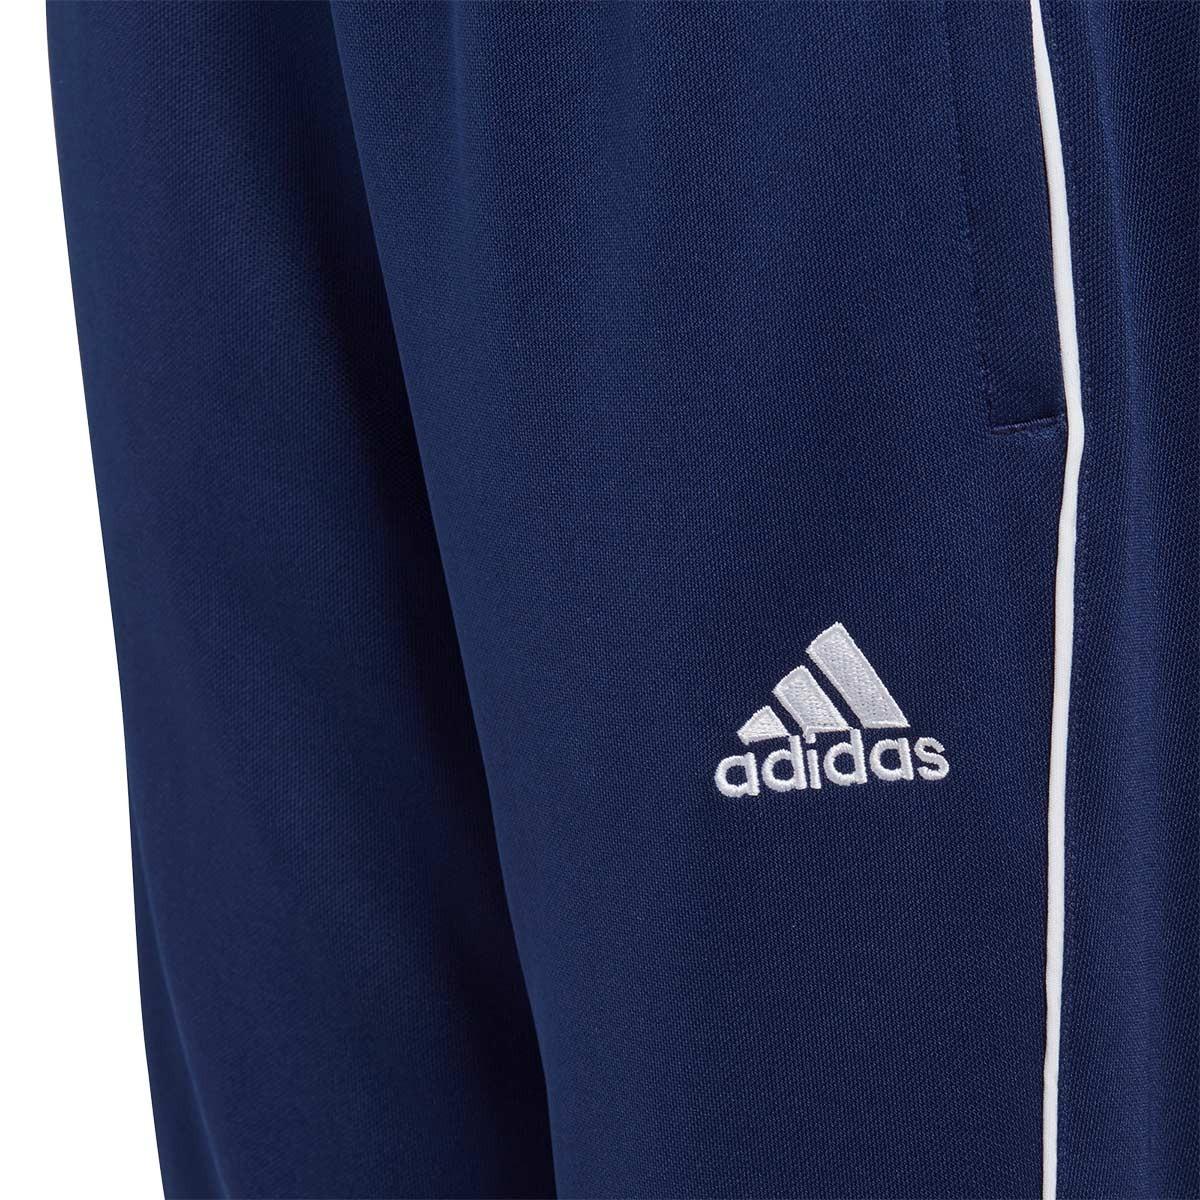 adidas ropa futbol